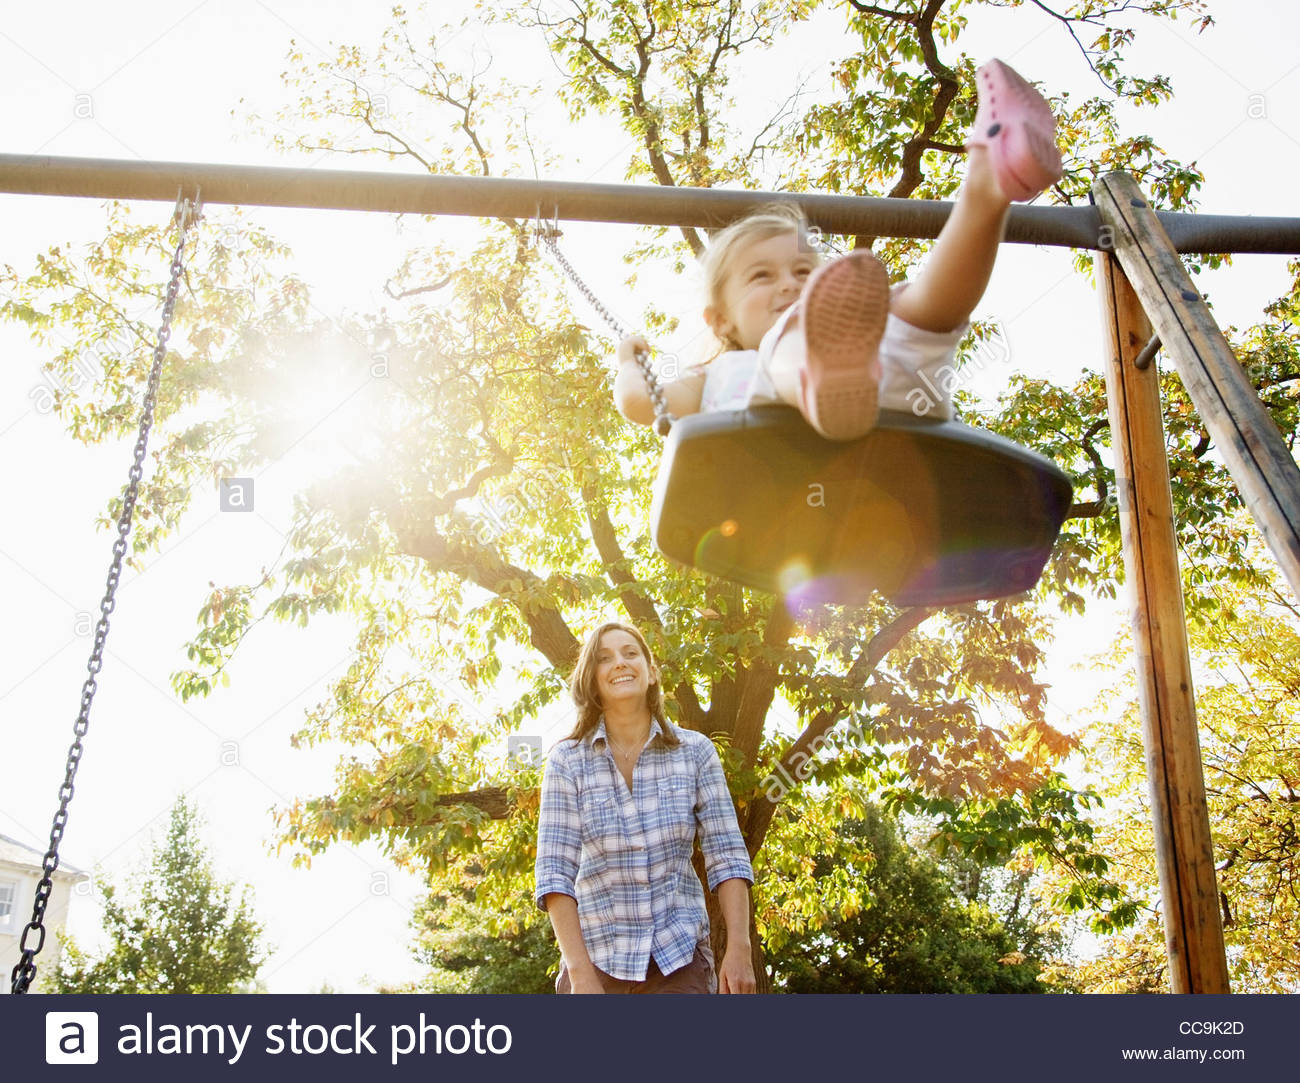 Mutter drängt Tochter auf Schaukel im sonnigen park Stockbild